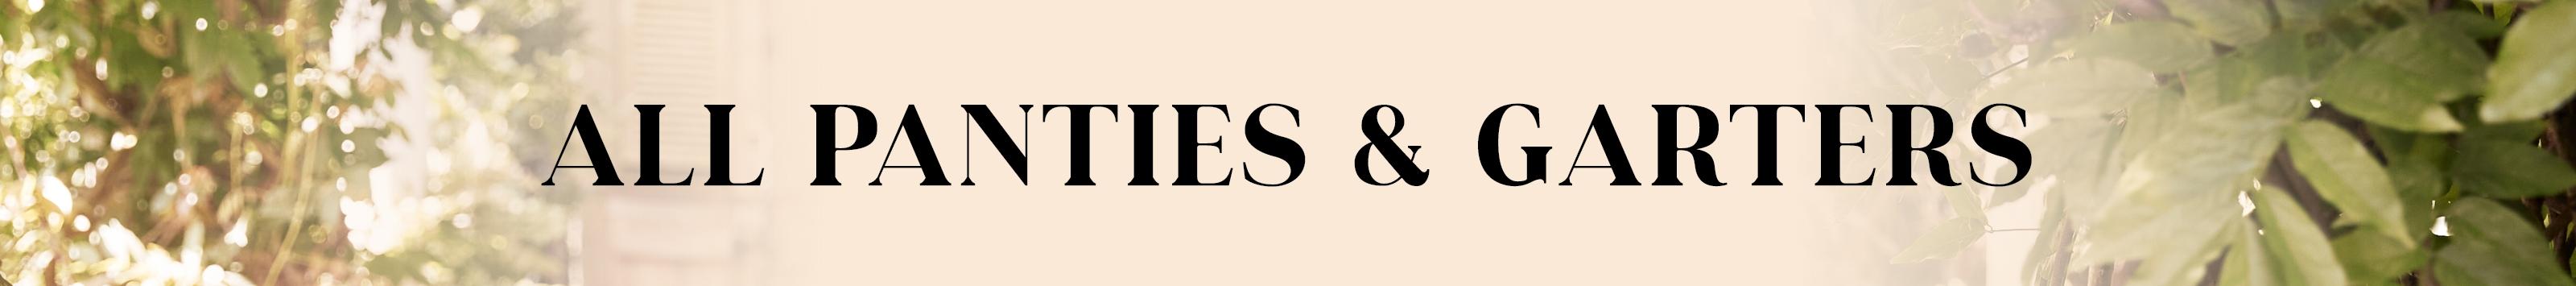 banner-category-panties-allpantiesgarters-1.jpg